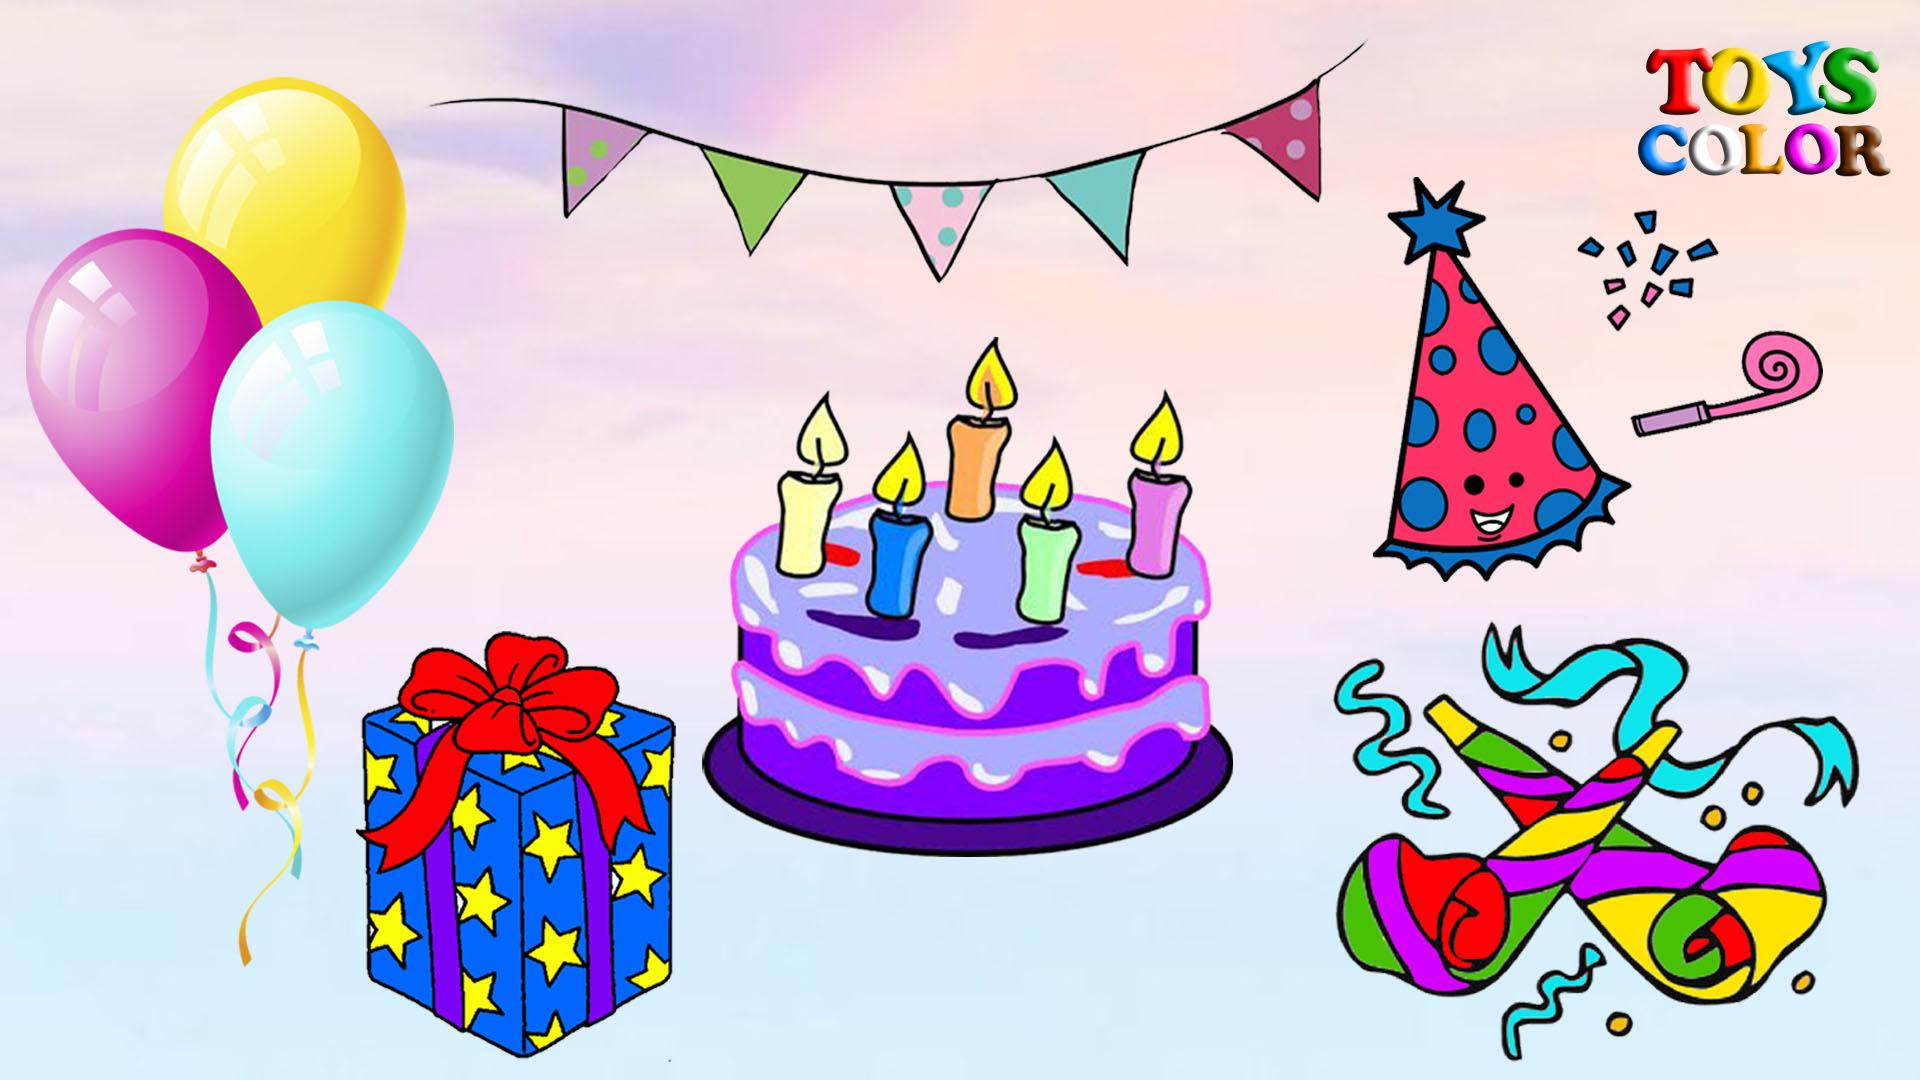 Cómo Dibujar una Fiesta de Cumpleaños para los Niños, Dibujos para ...